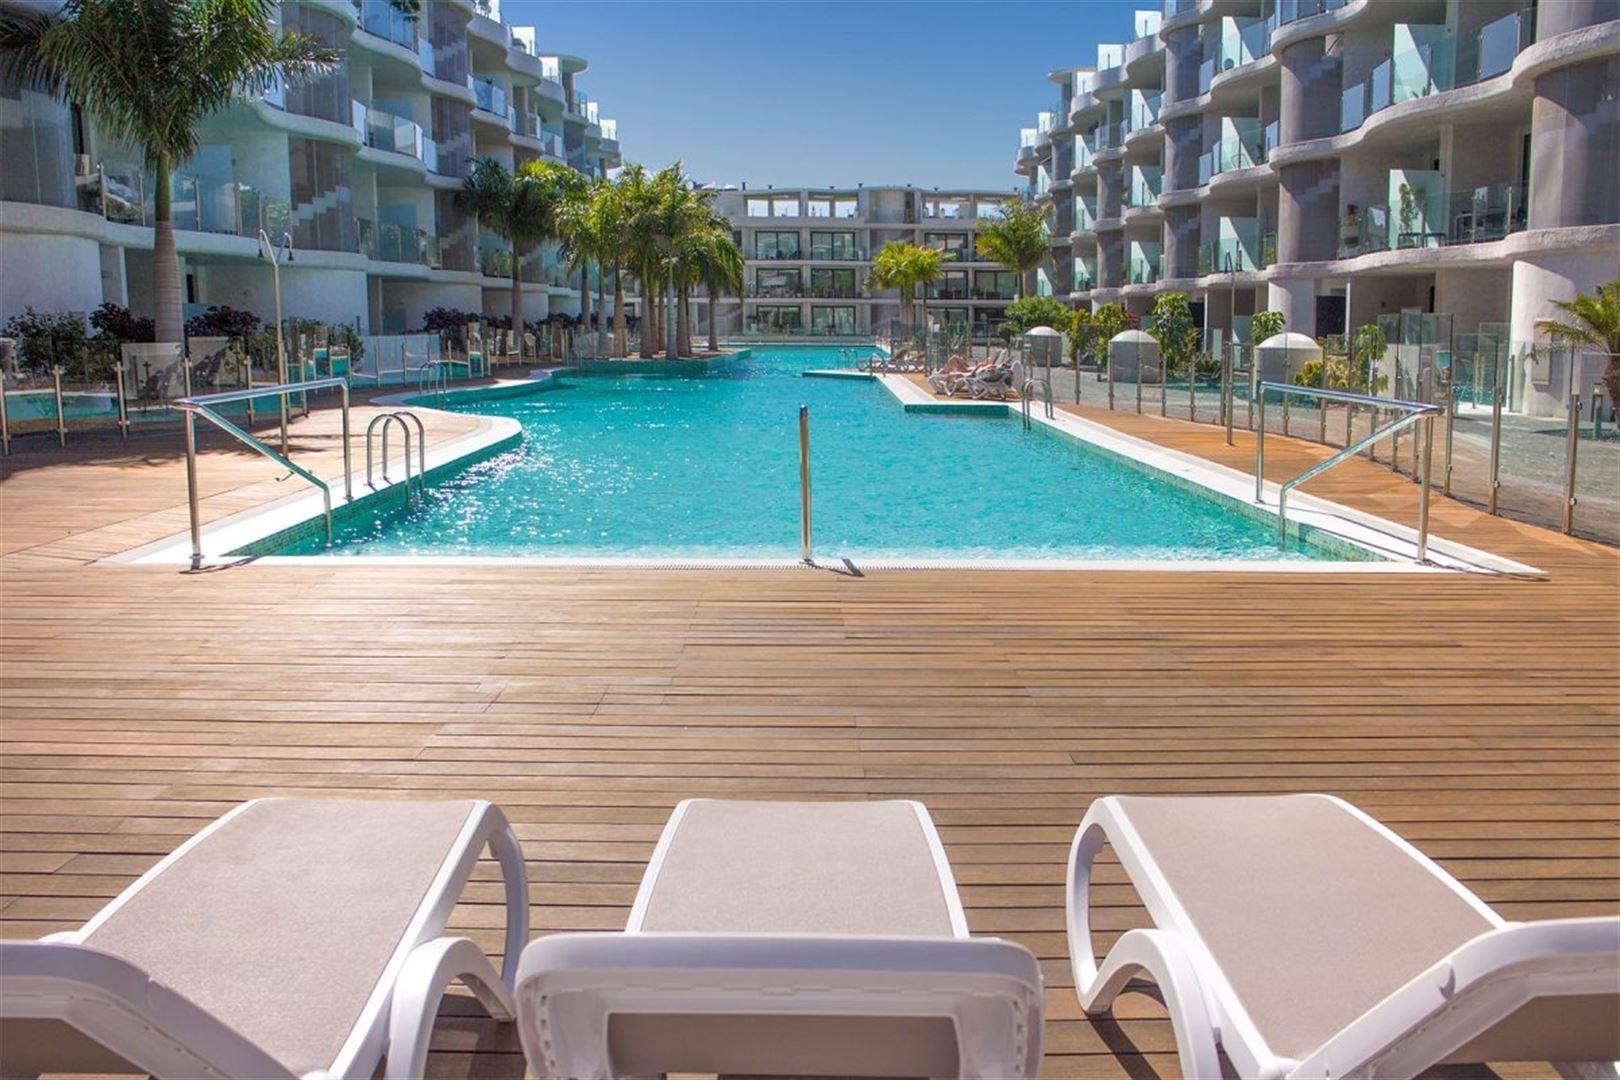 Foto 11 : Appartement te 38632 PALM MAR (Spanje) - Prijs € 325.000